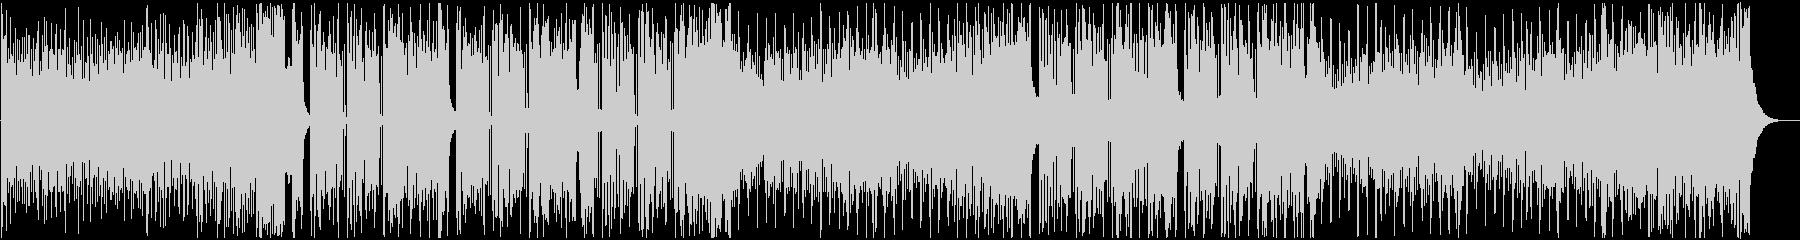 クールなFuture Bass Vo無の未再生の波形